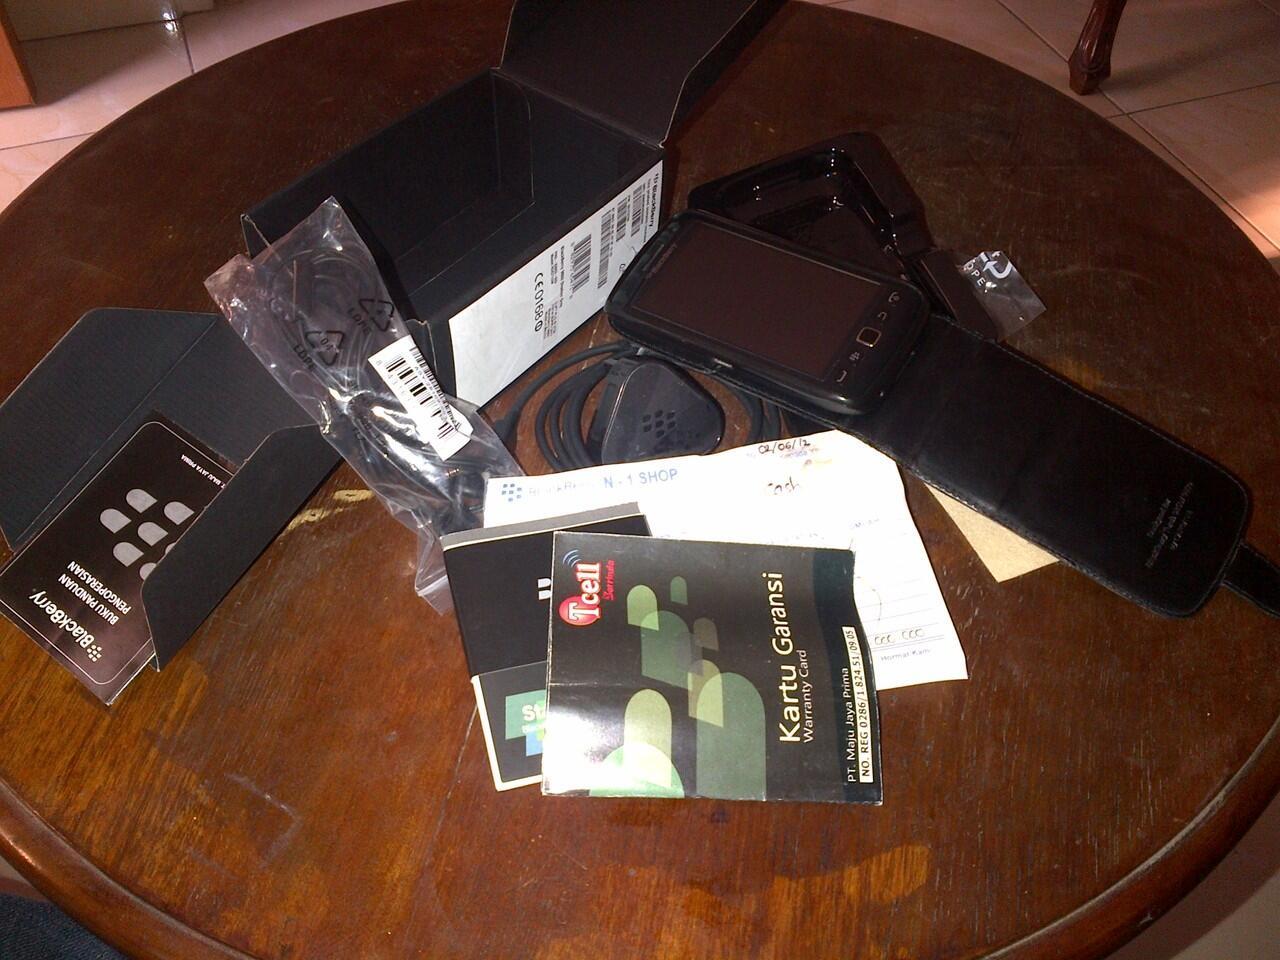 Jual blackberry MONZA 9860 mulus garansi panjang (Bandung)